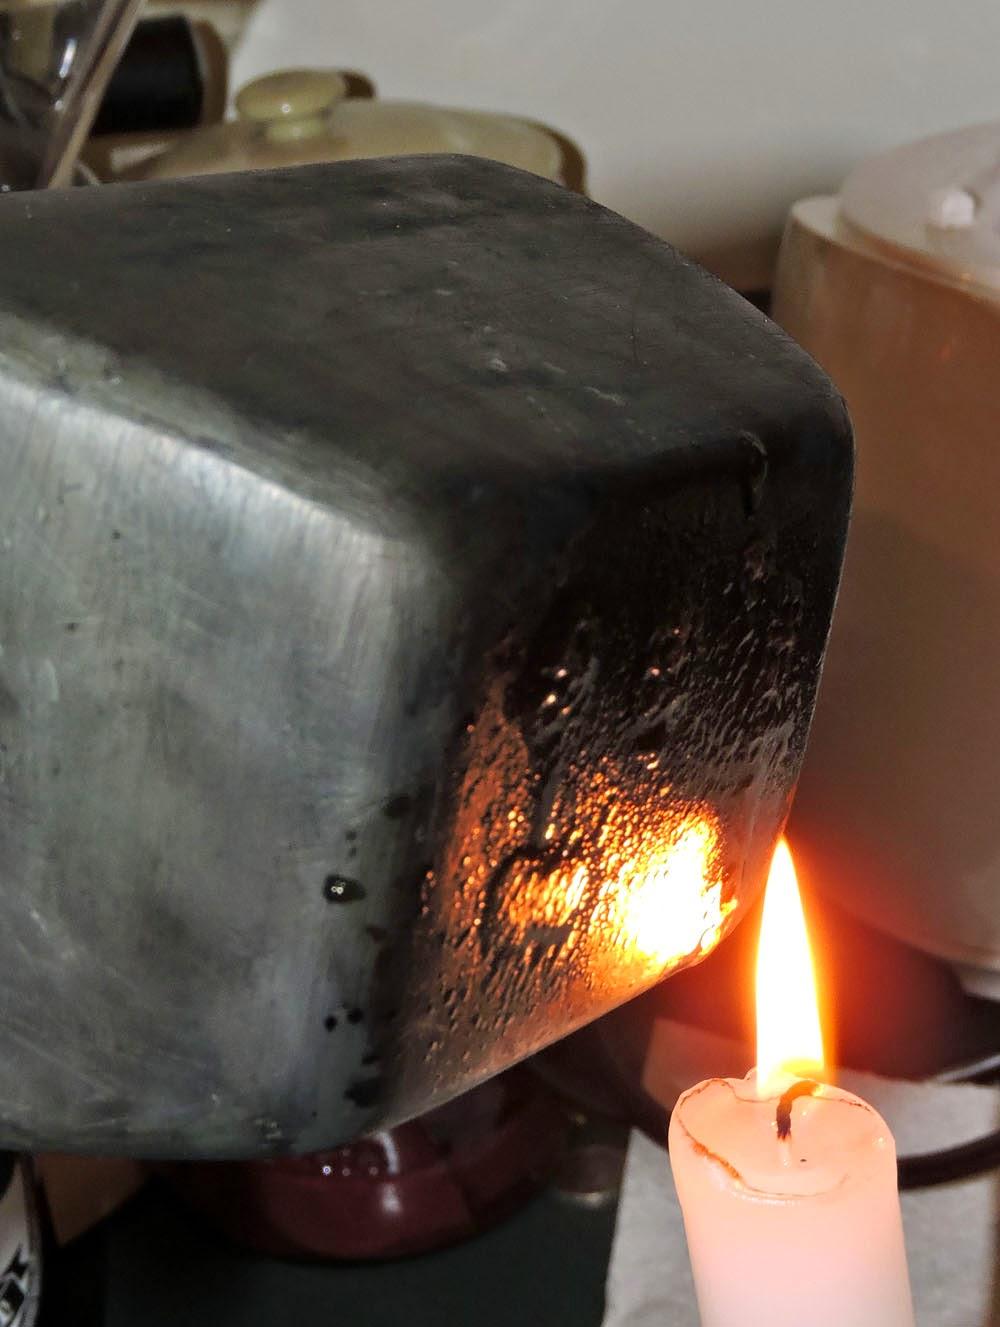 Elfshot: A new little lamp